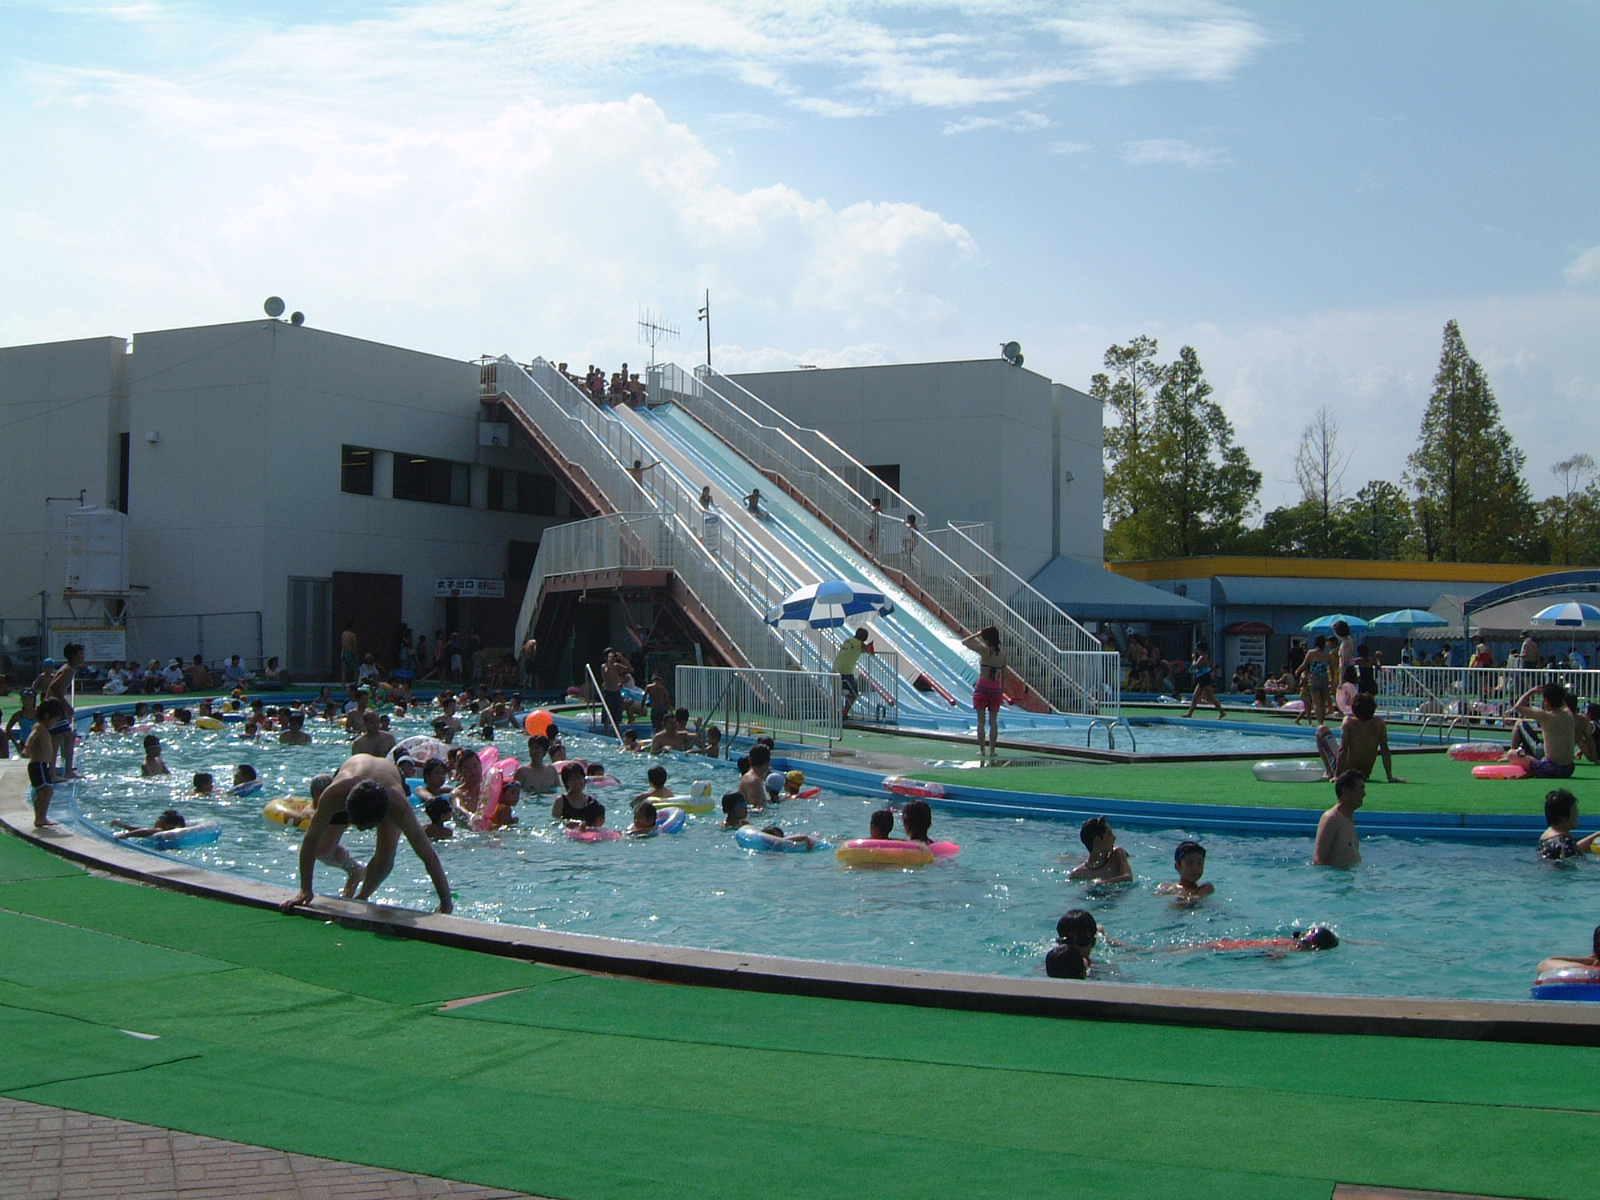 【プール】福山メモリアルパークのプール開き・営業期間2020~プール開きの日は無料開放!営業時間、利用料金なども紹介